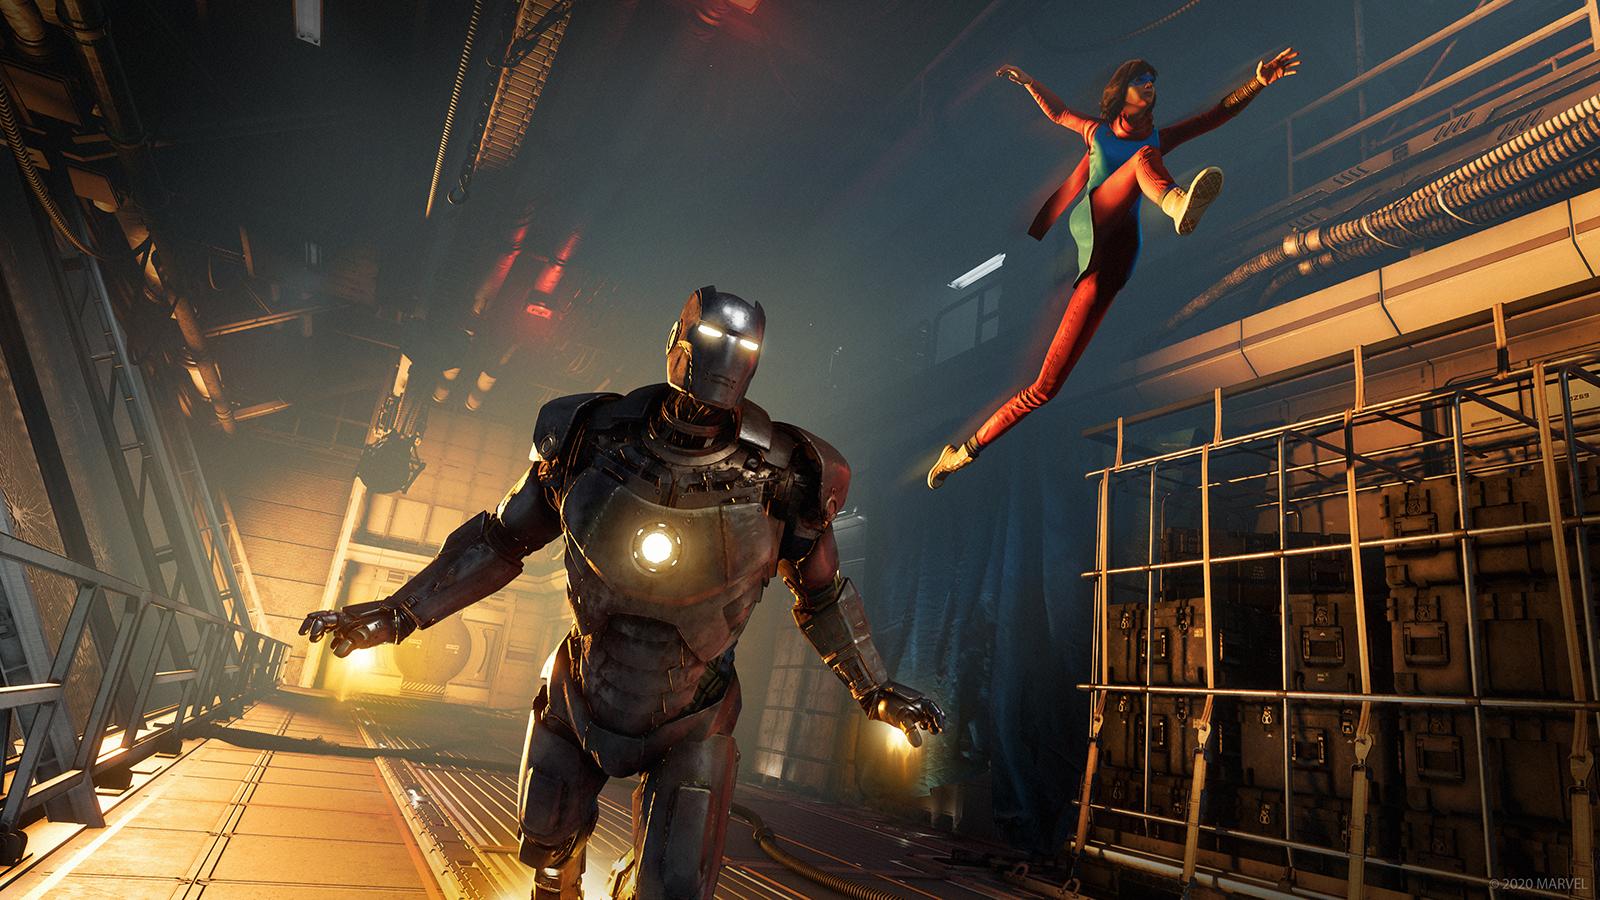 Avengers Iron Man and Kamala